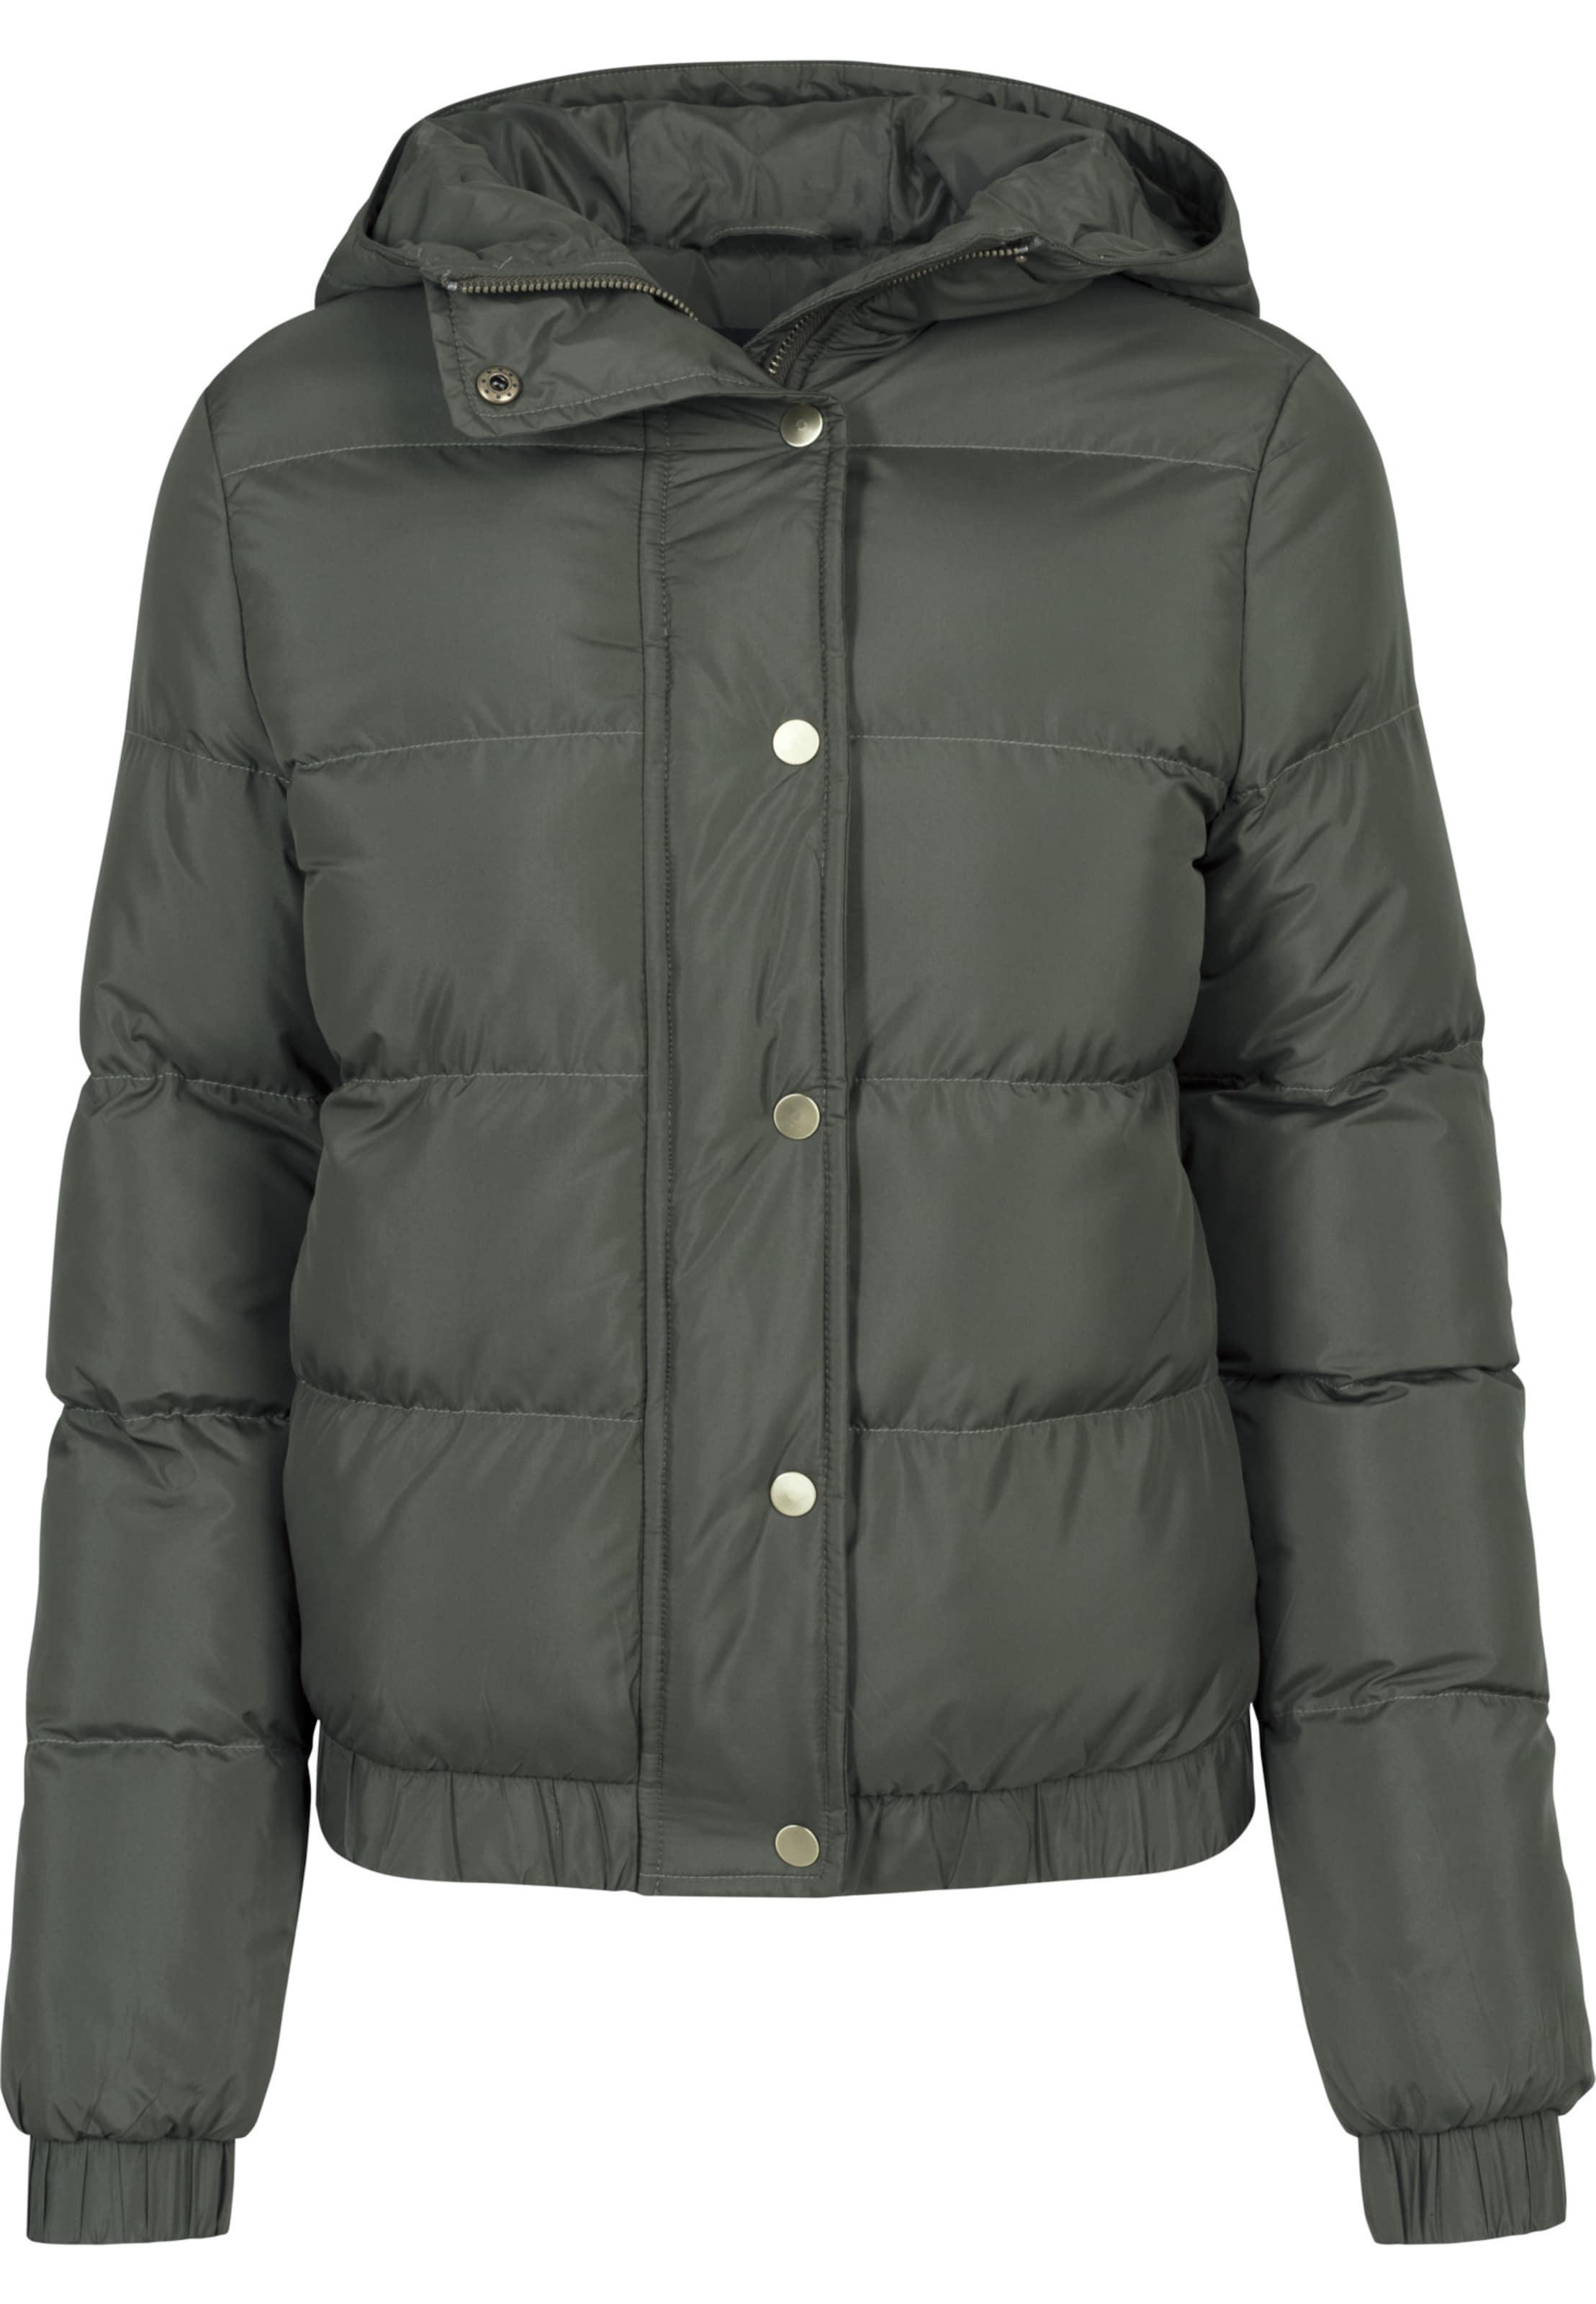 Urban Jacket Urban Khaki Jacket Classics Classics In In Khaki 3TJ1lFcK